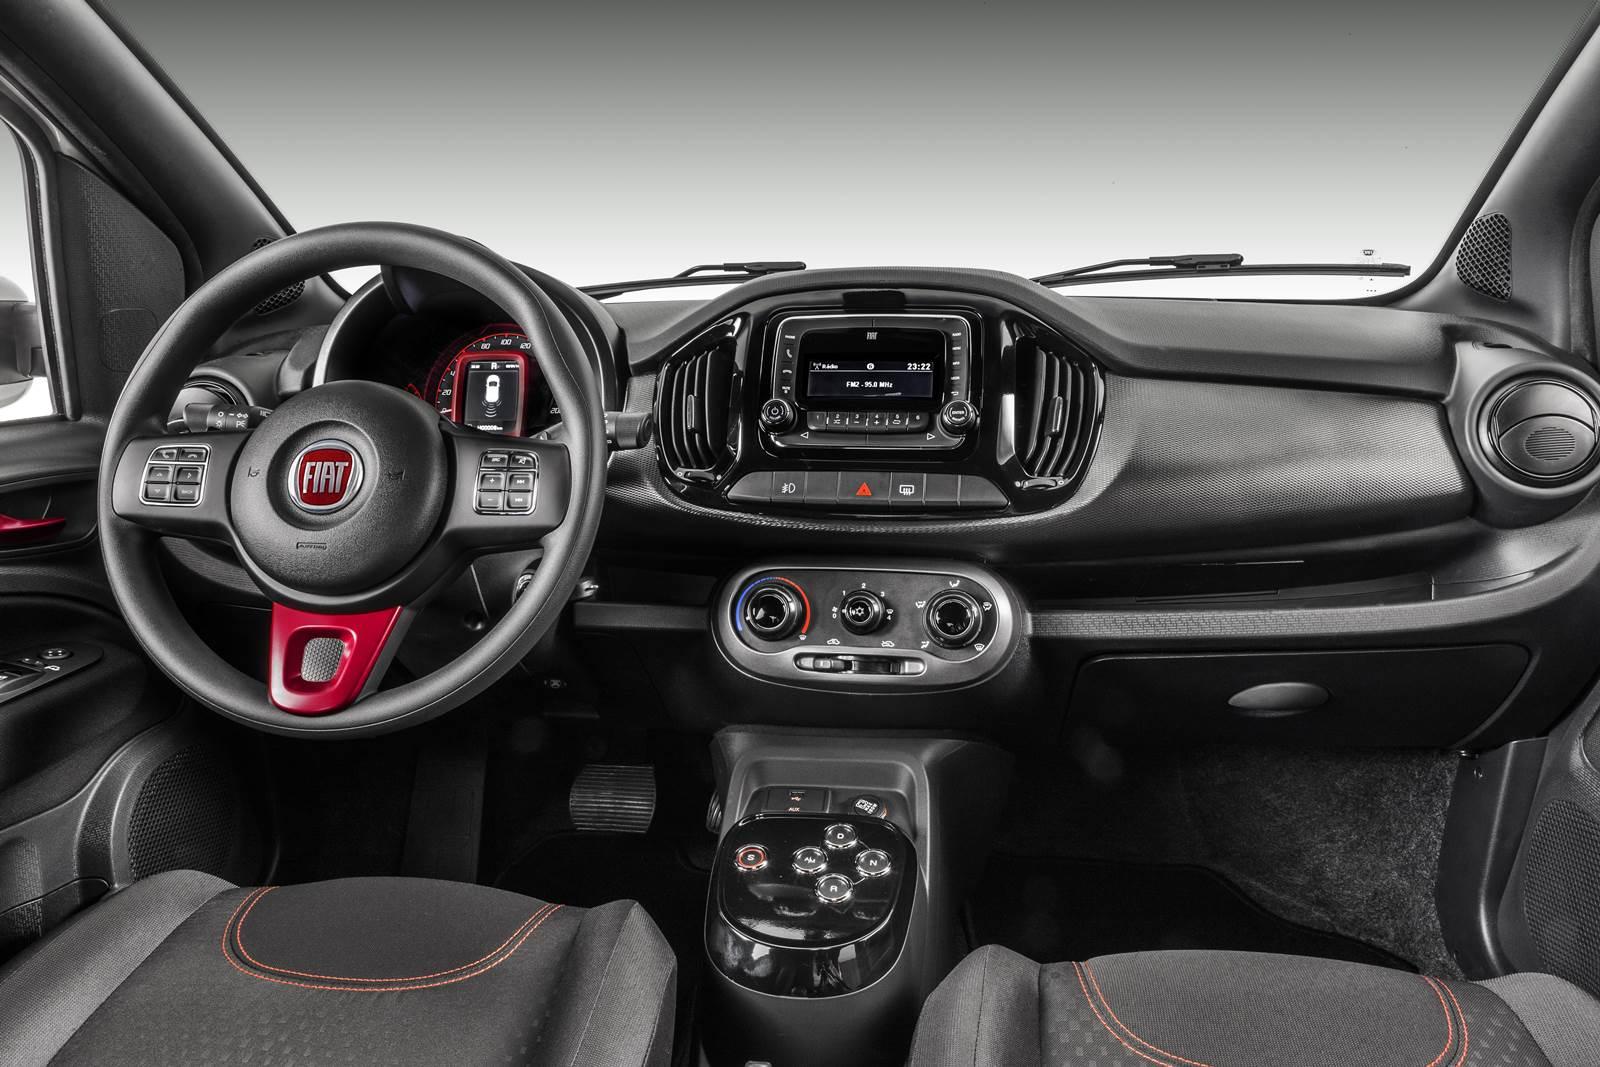 Fiat Uno Novo Precio 2014 | Autos Post